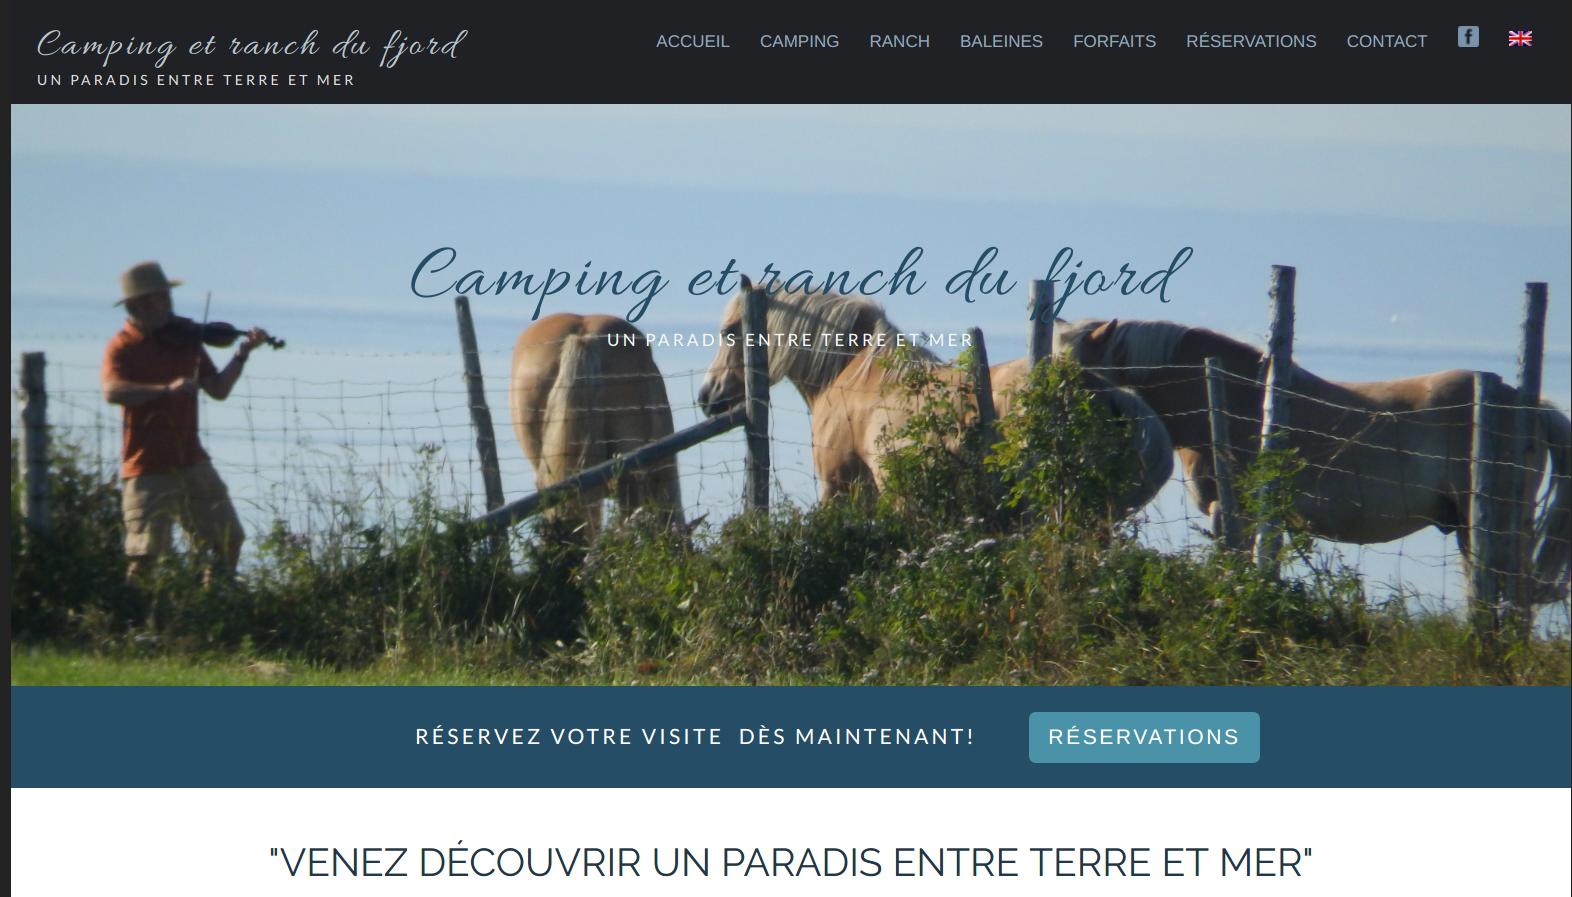 capture d'écran du site campingetranchdufjord.com